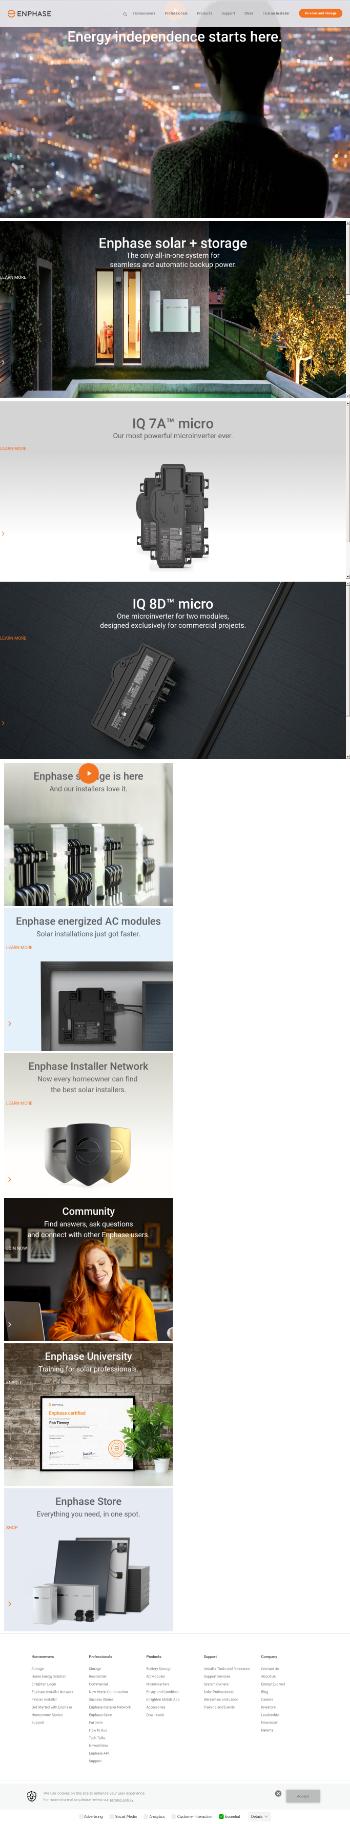 Enphase Energy, Inc. Website Screenshot